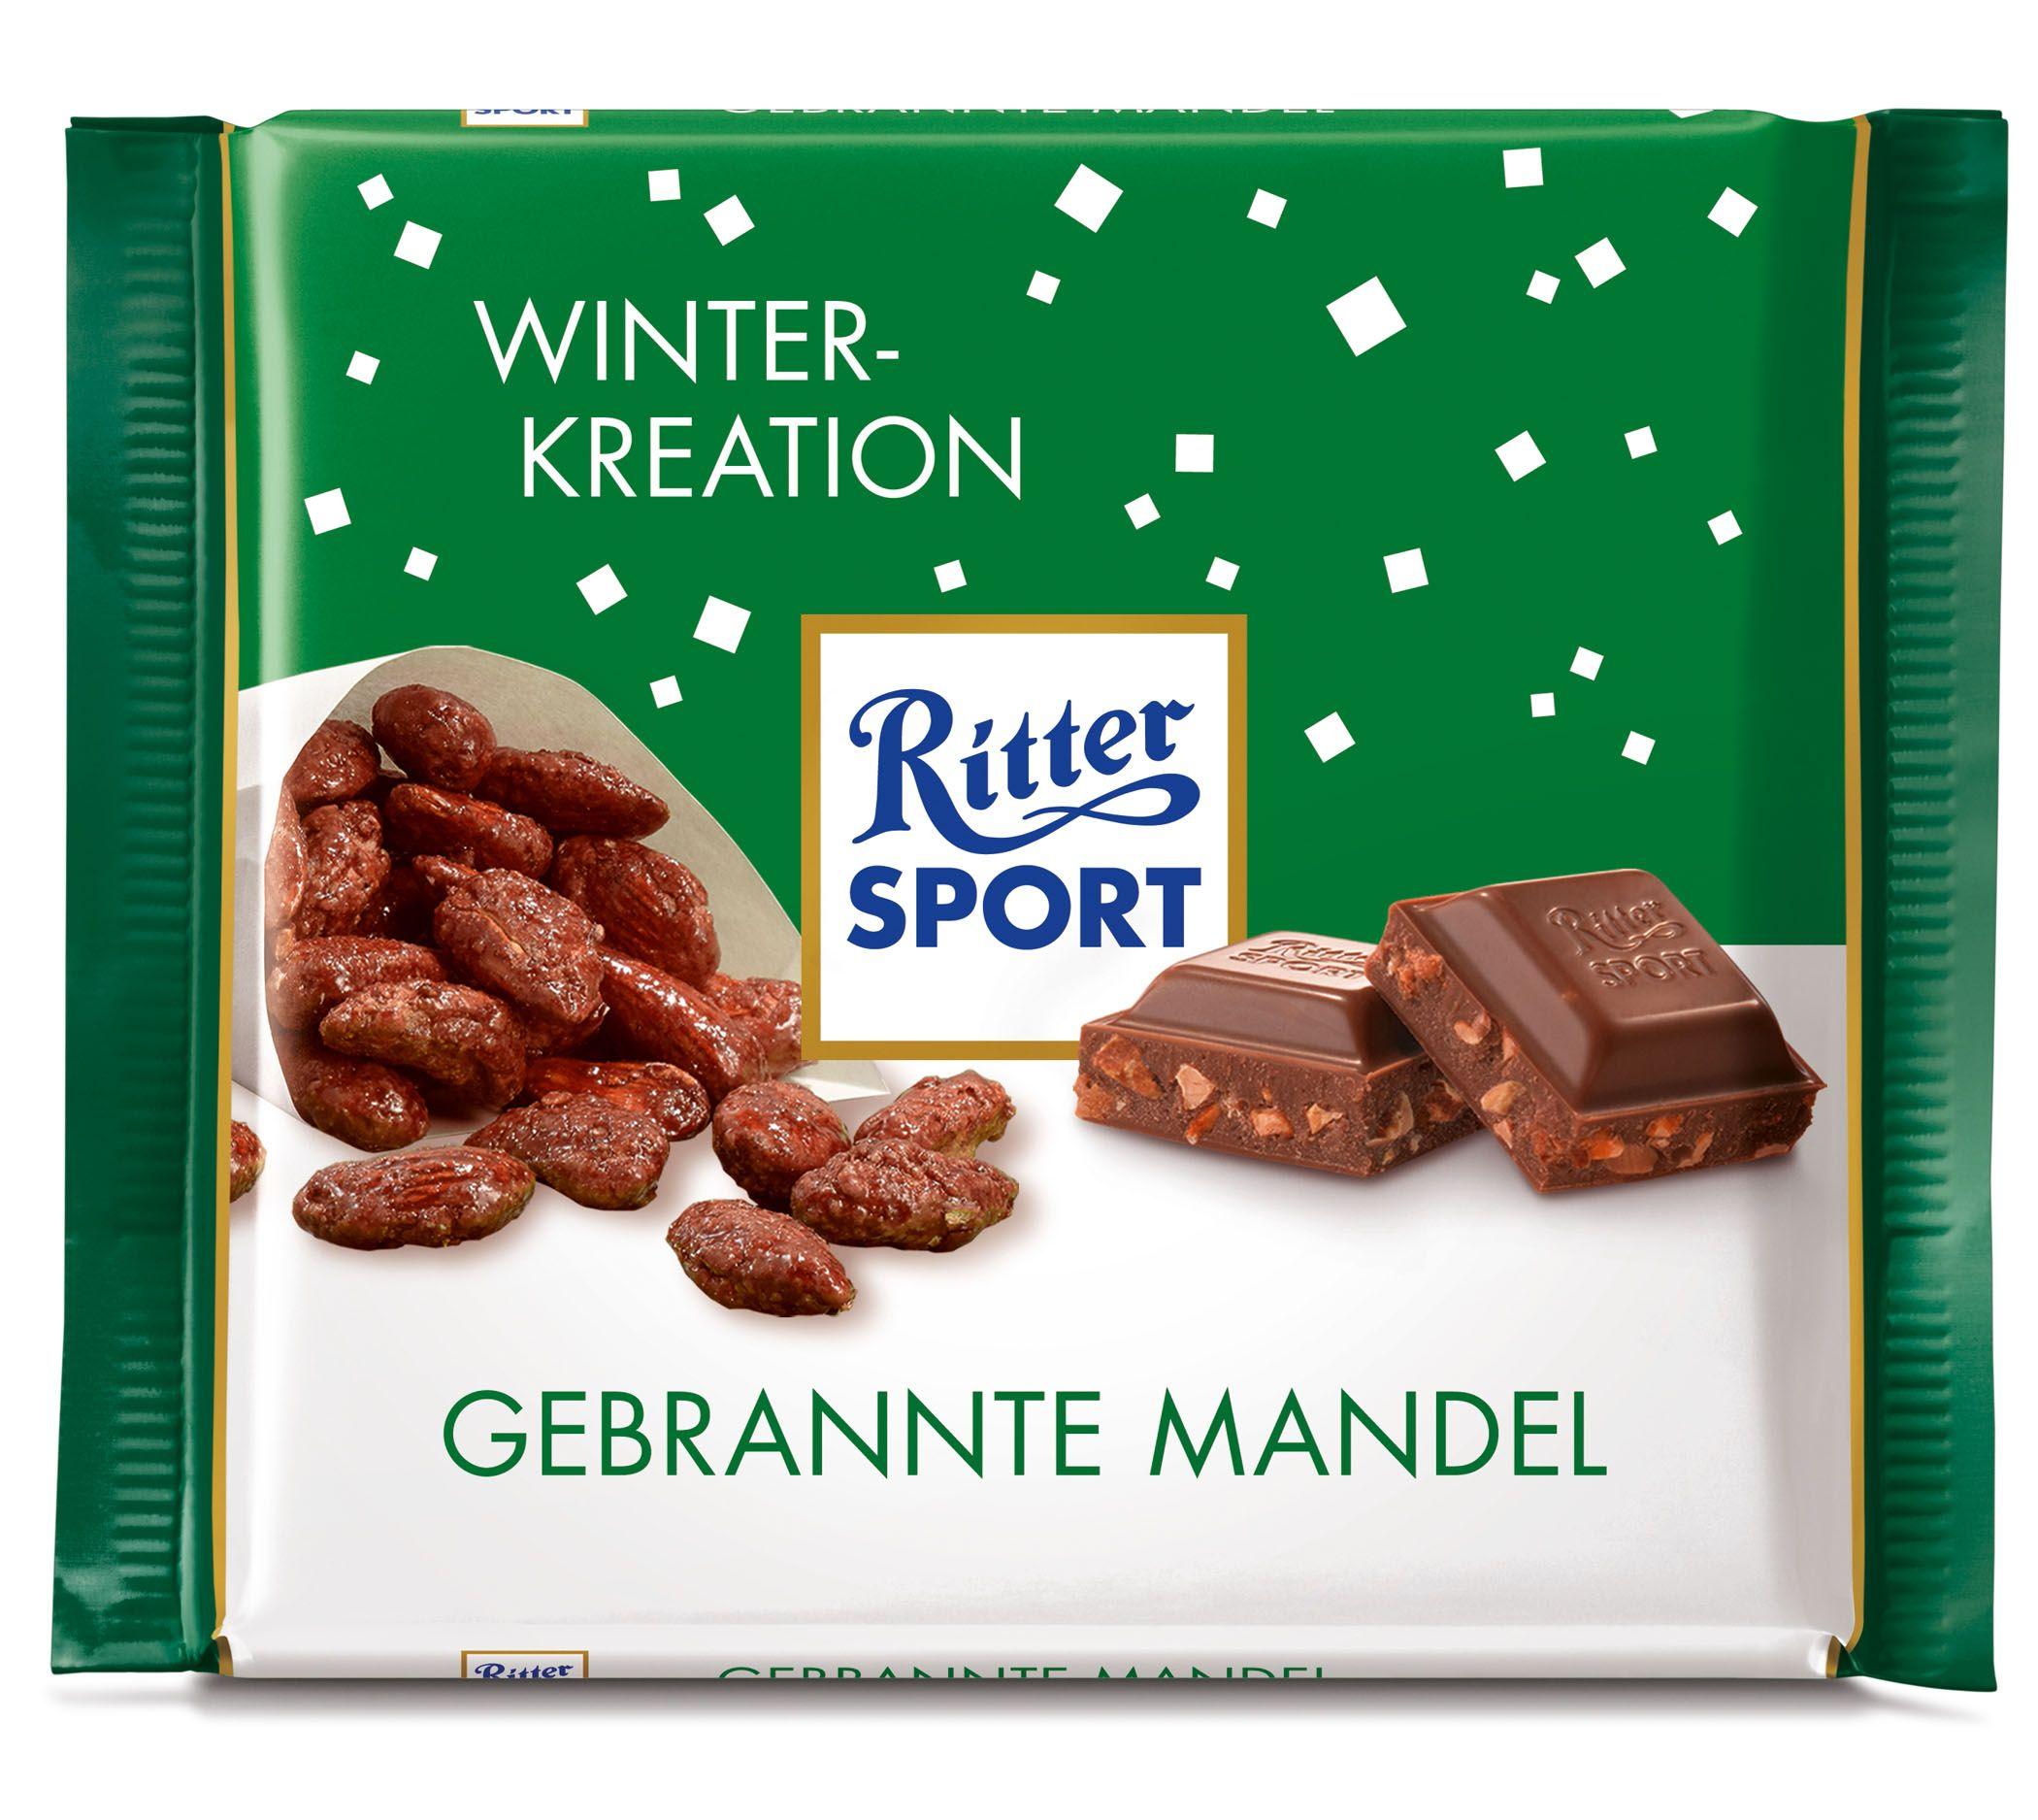 RITTER SPORT Gebrannte Mandel Ritter sport, Ritter